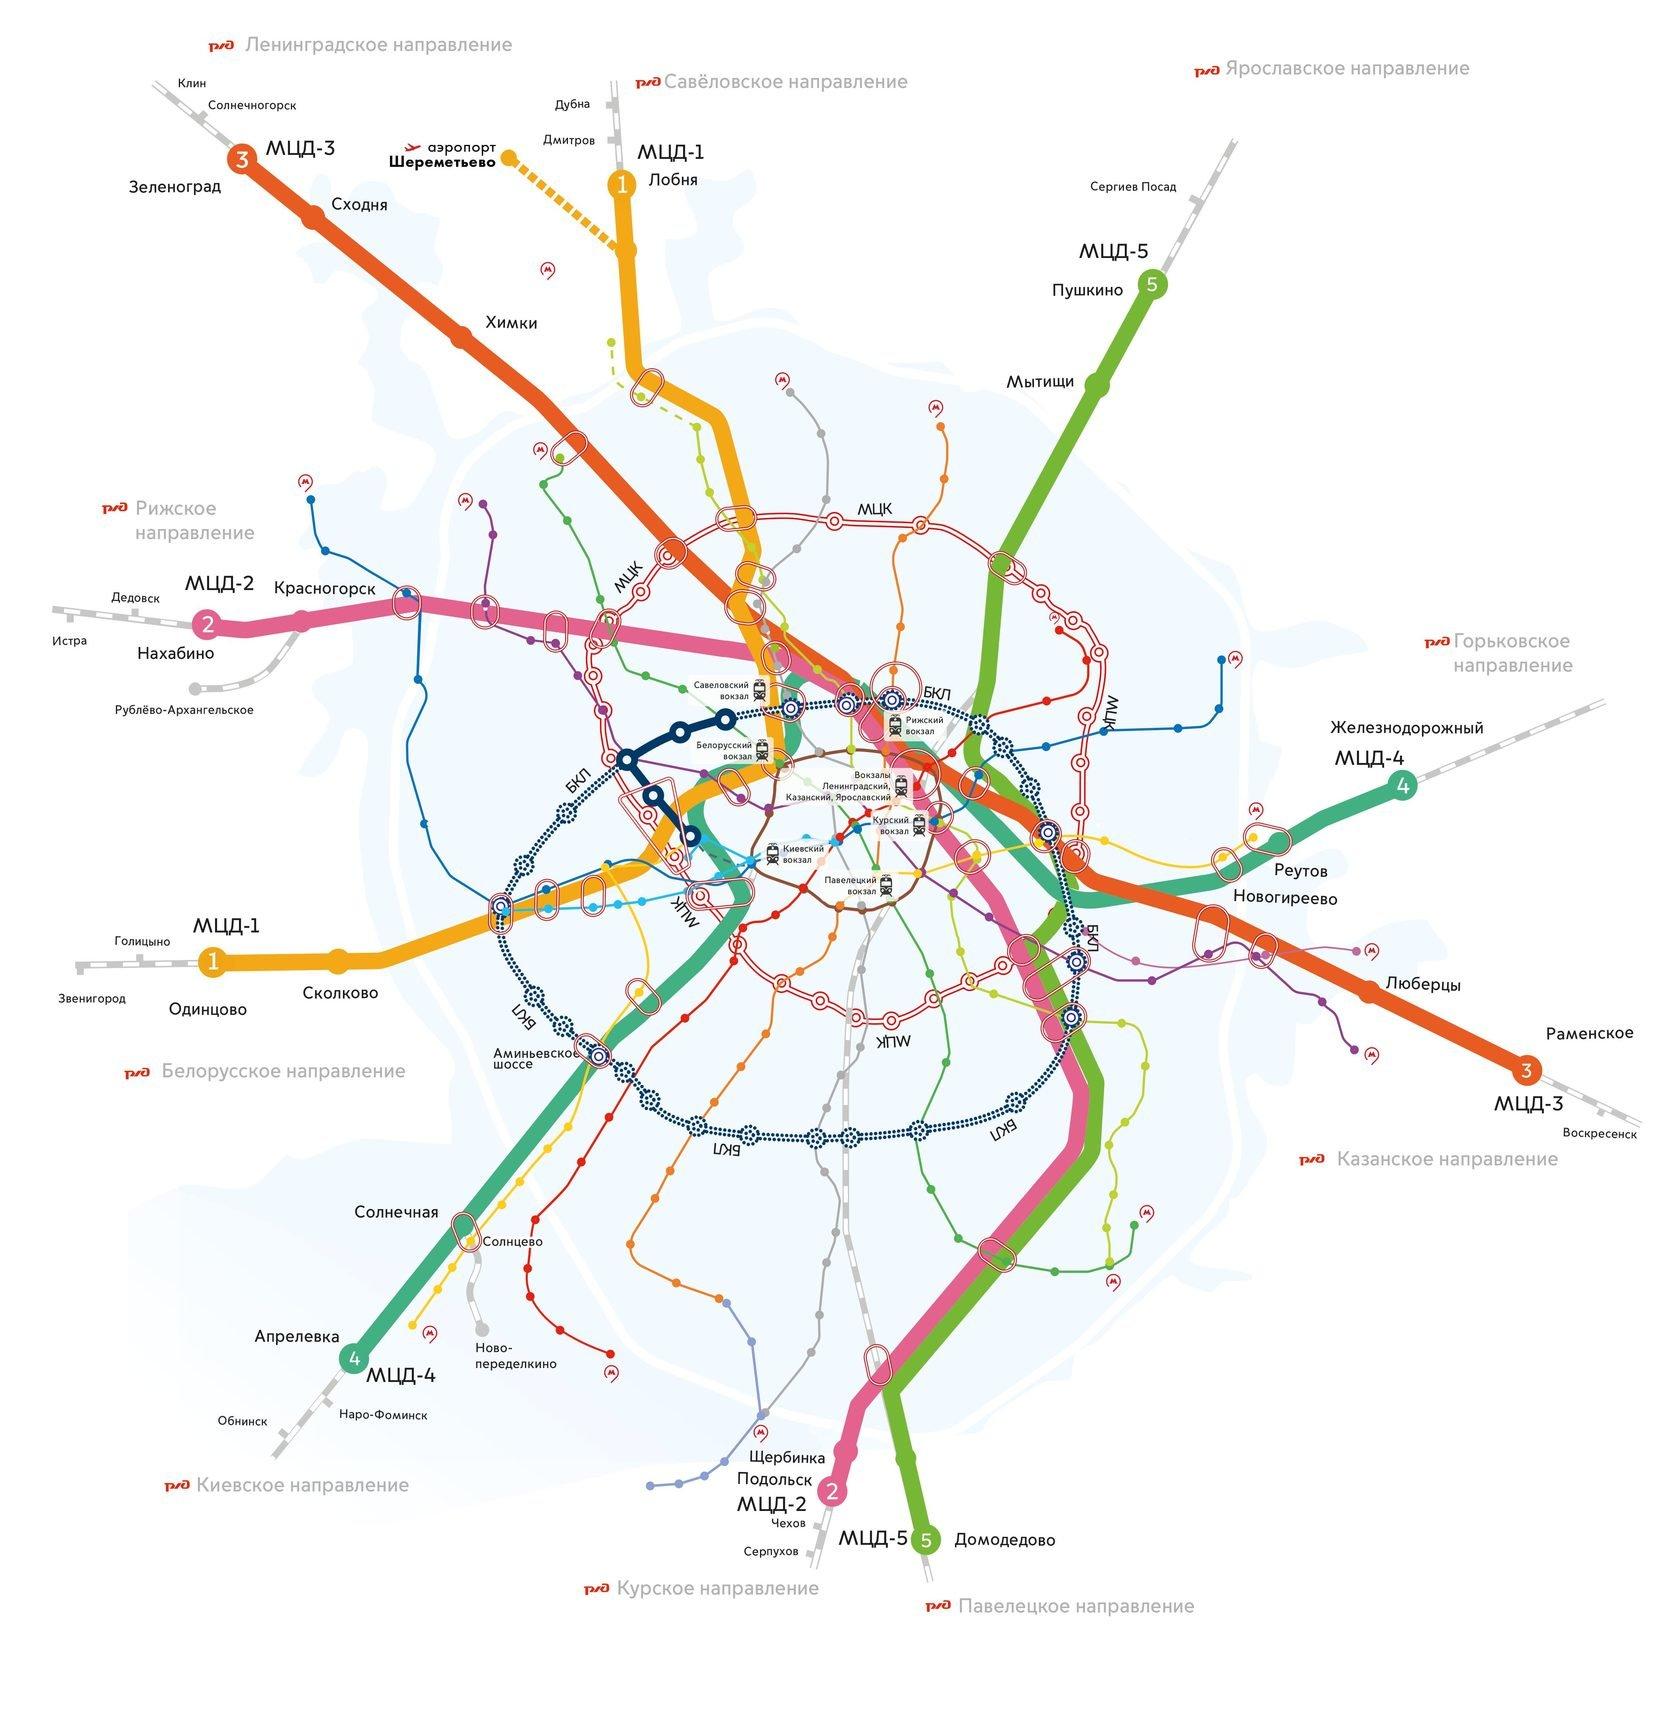 схема метро москвы с расчетом времени в пути 2020 и пересадками